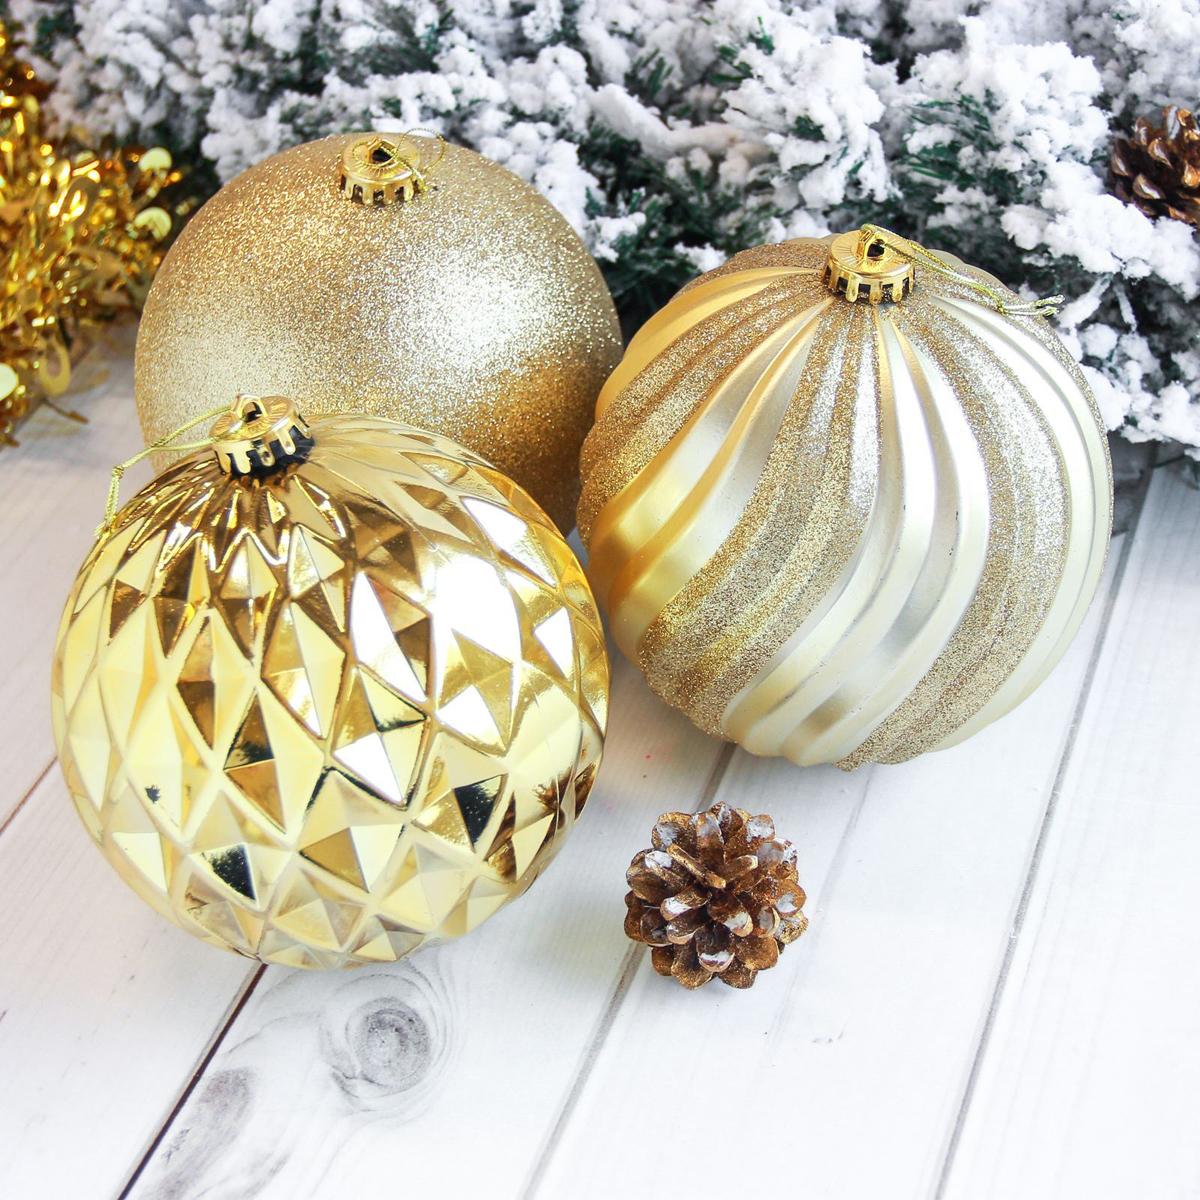 Набор новогодних подвесных украшений Sima-land Гиганты, цвет: золотистый, диаметр 15 см, 3 шт2122917Невозможно представить нашу жизнь без праздников! Мы всегда ждём их и предвкушаем, обдумываем, как проведём памятный день, тщательно выбираем подарки и аксессуары, ведь именно они создают и поддерживают торжественный настрой.